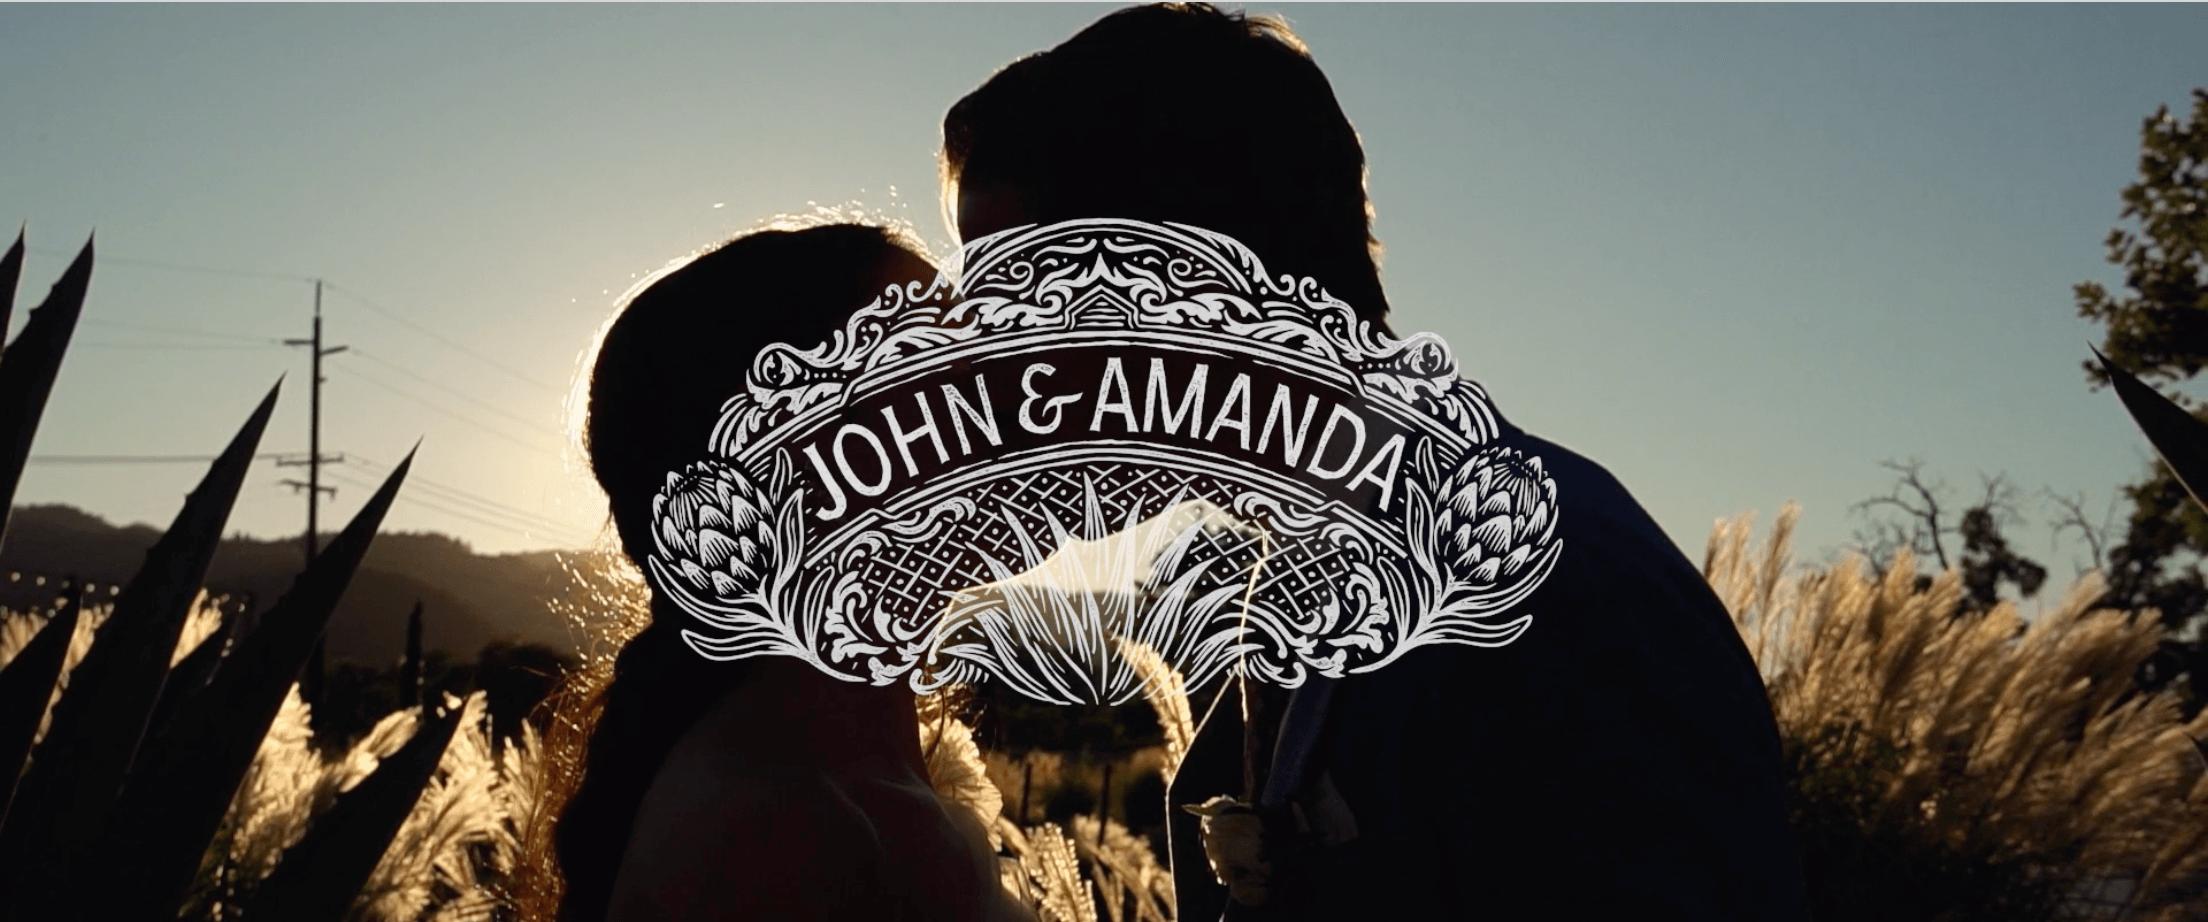 John & Amanda